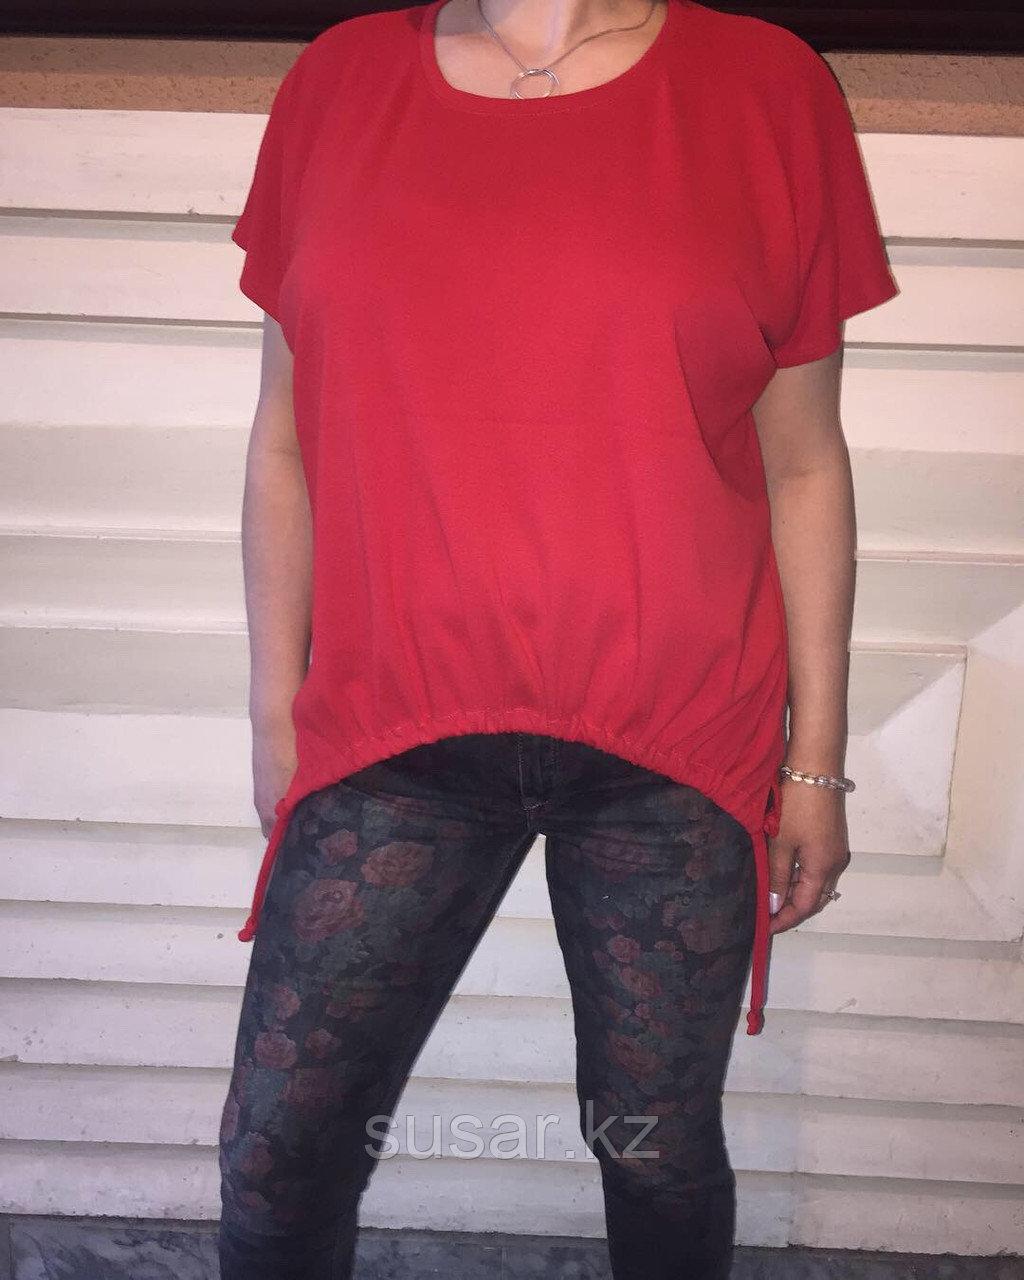 Красный летний блузон Susar